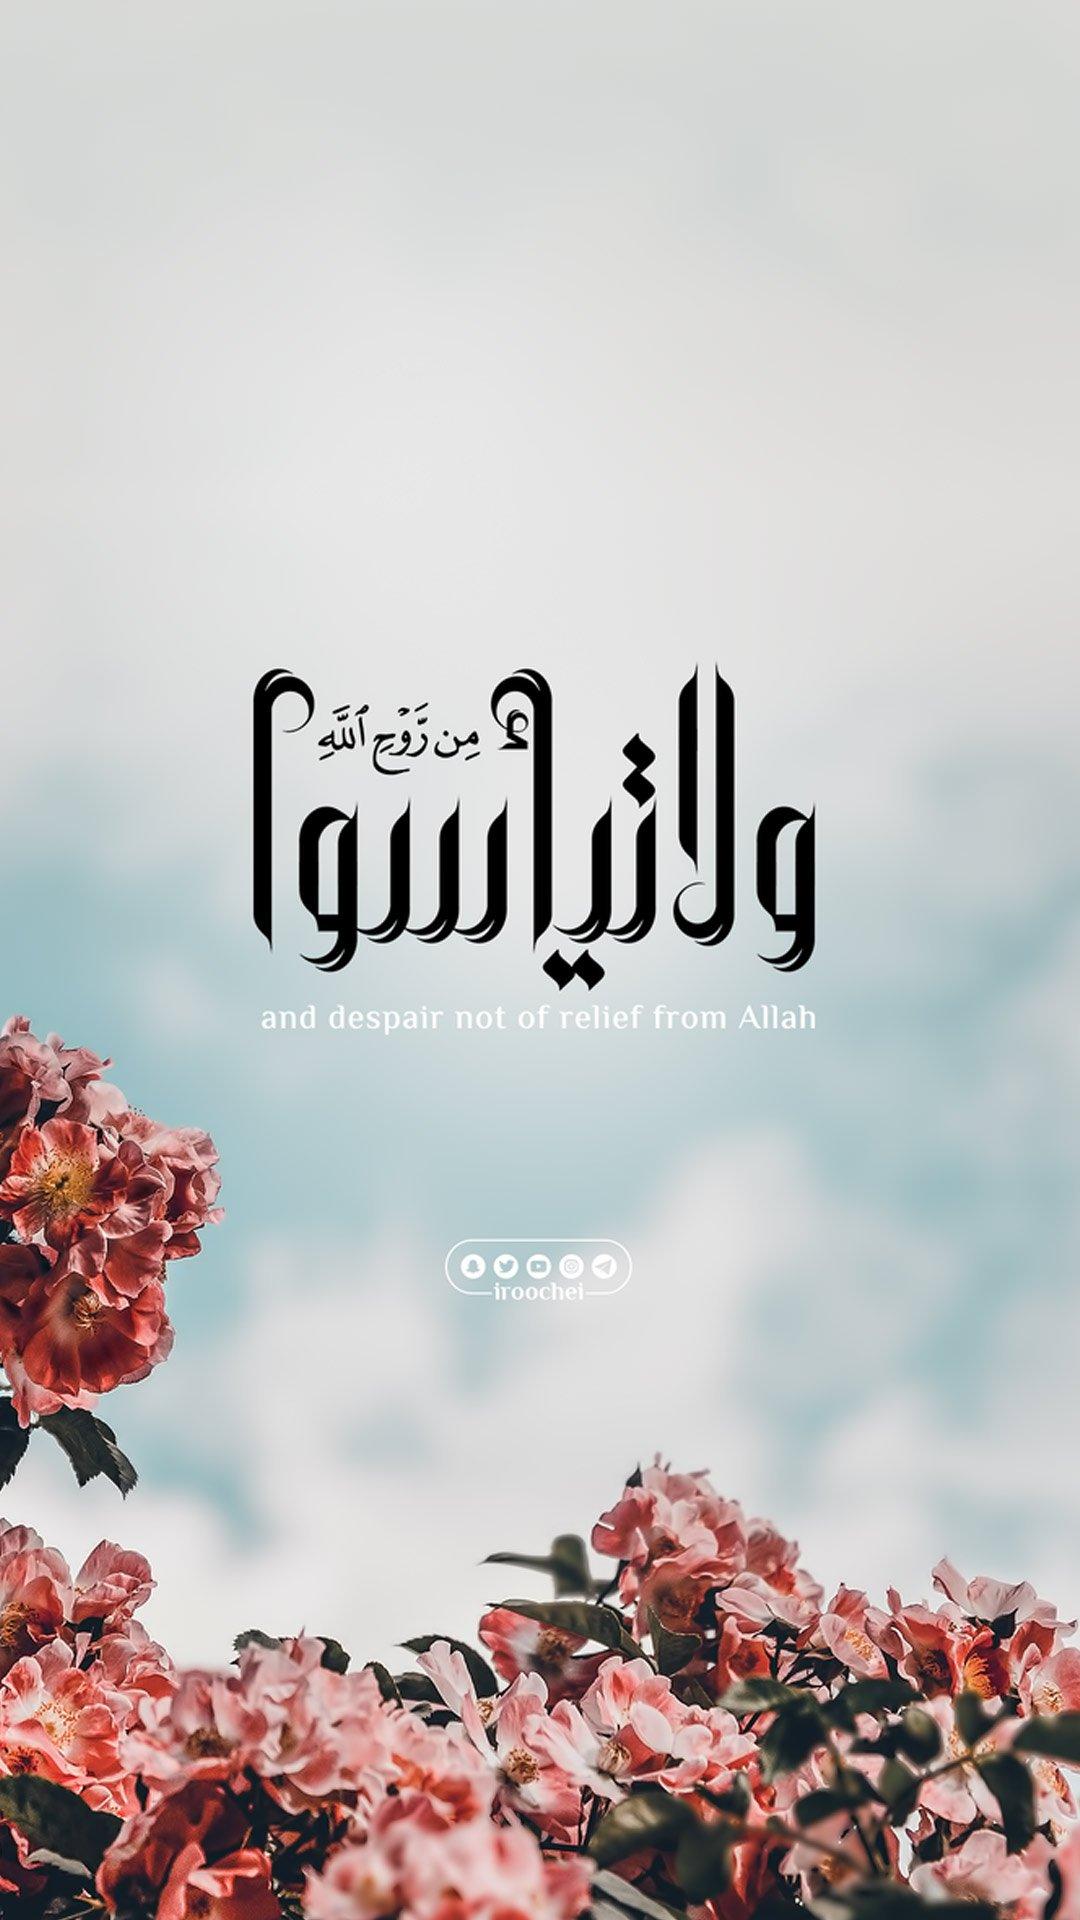 خلفيات ايفون اسلامية و لا ت ي أ س وا م ن ر و ح الل ه مربع